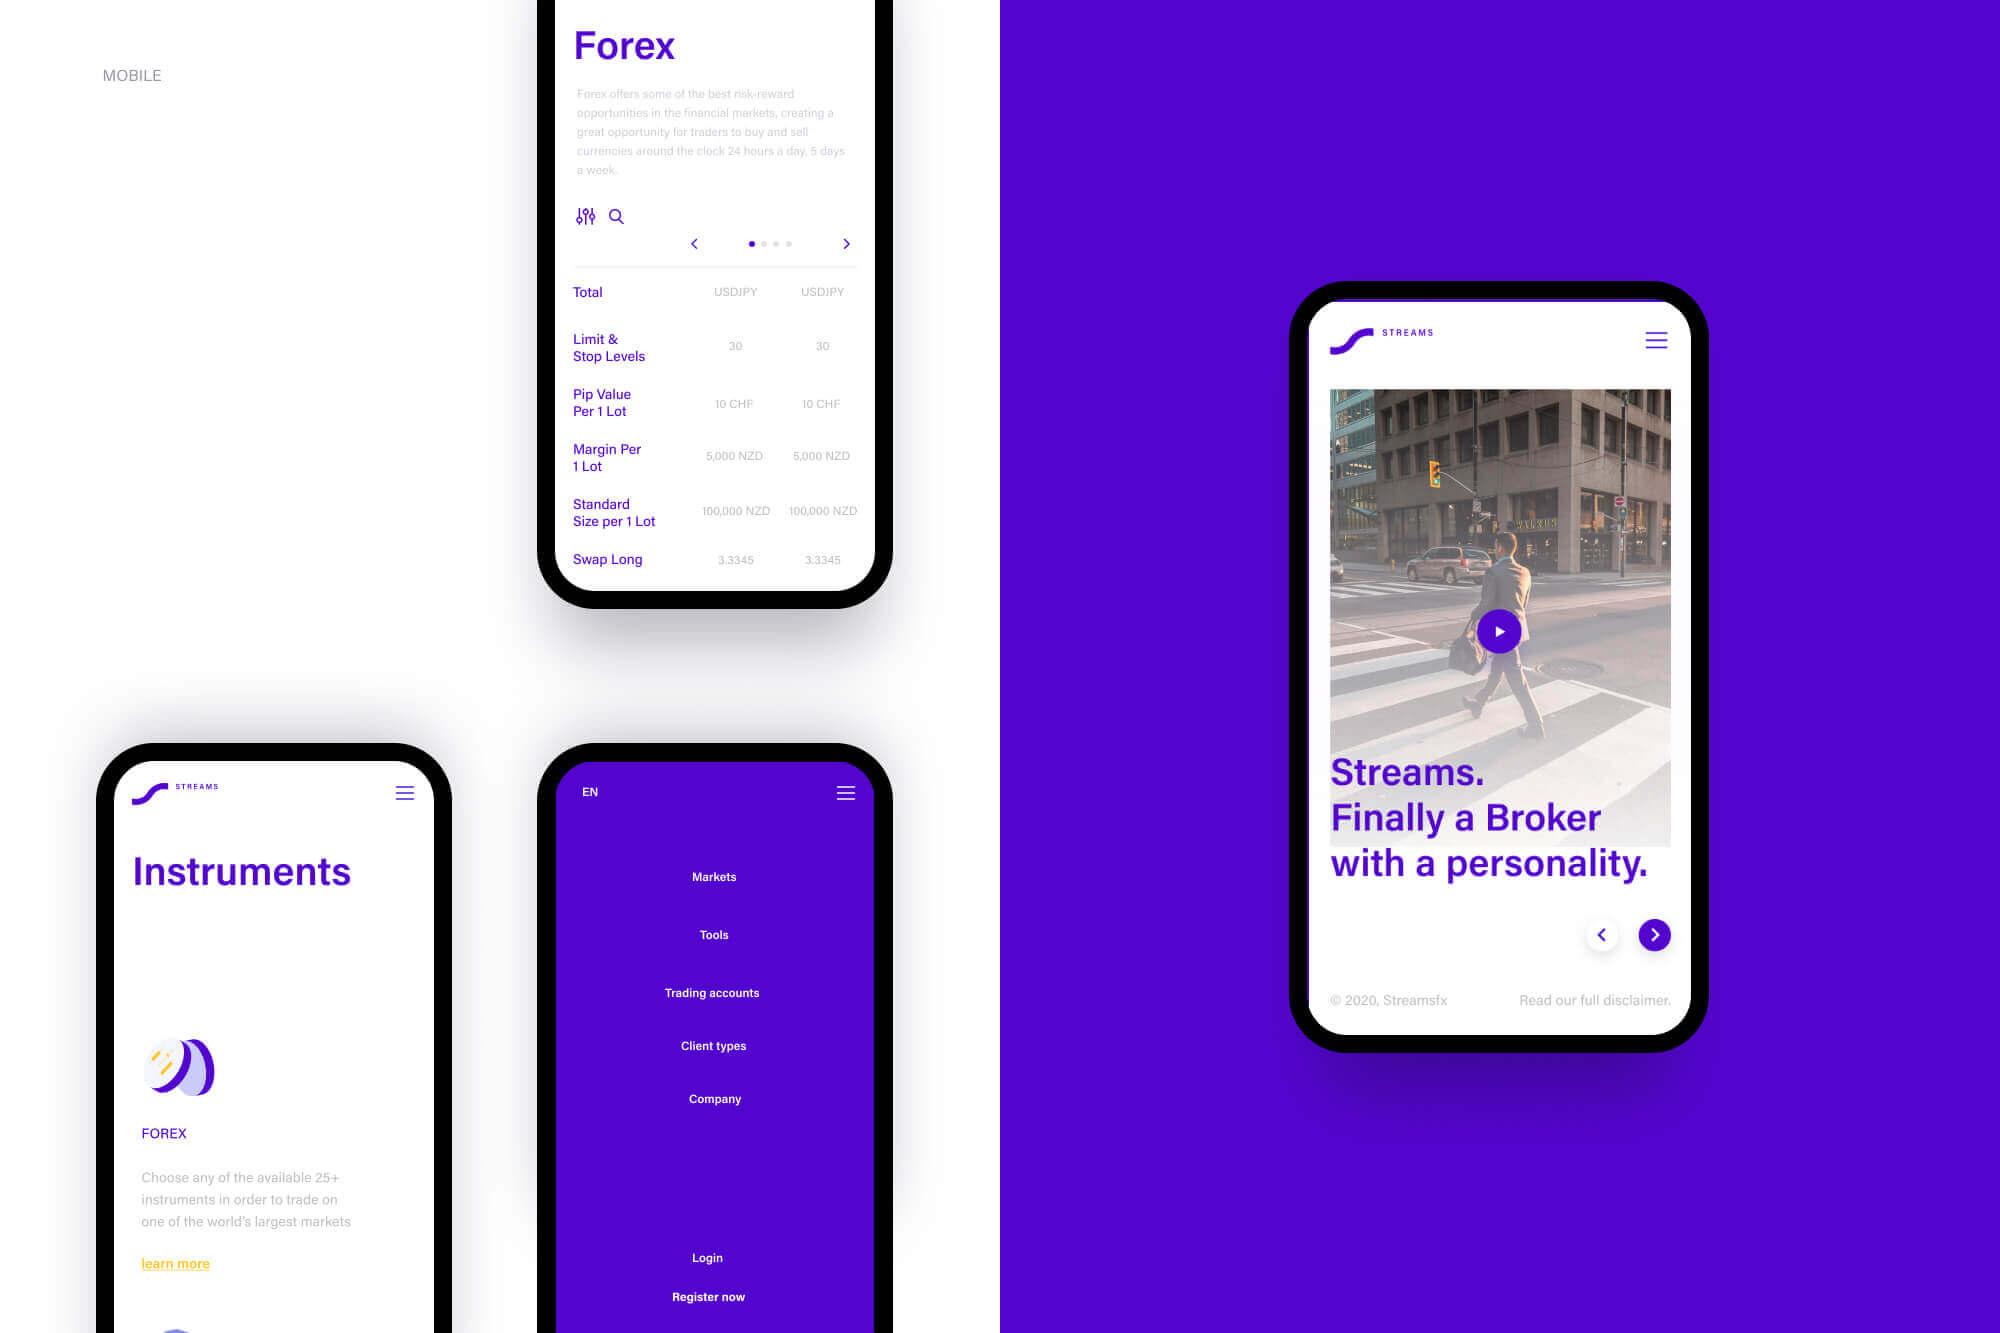 Forex-broker-website-and-Branding-6